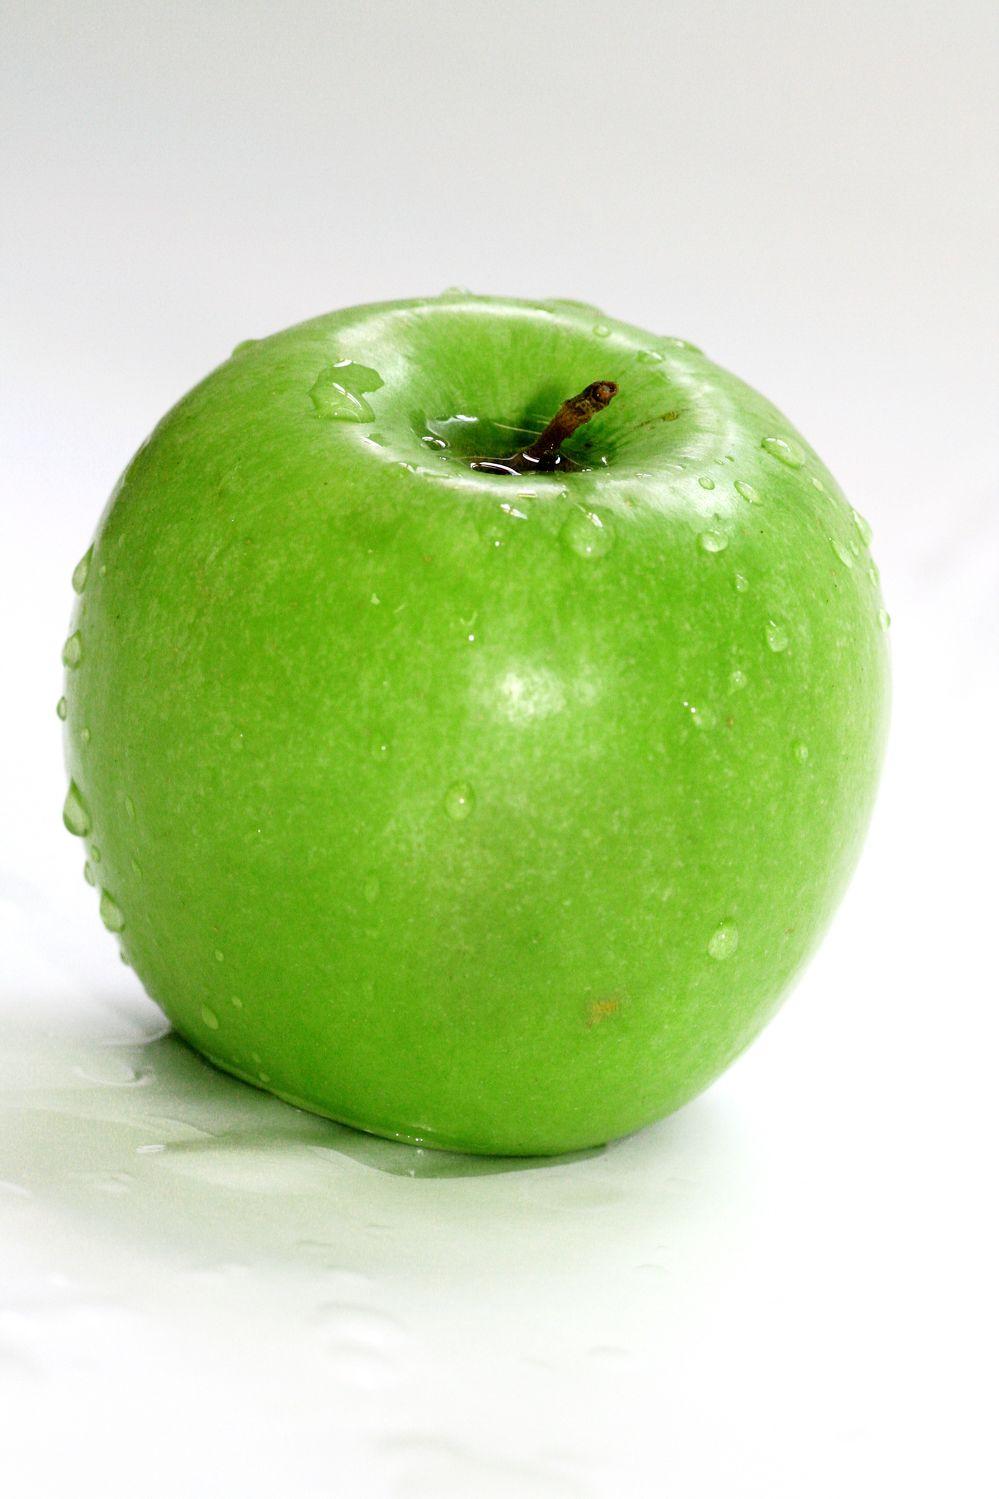 Bild mit Früchte, Lebensmittel, Essen, Frucht, Kulturapfel, Obst, Küchenbild, Apfel, Apfel